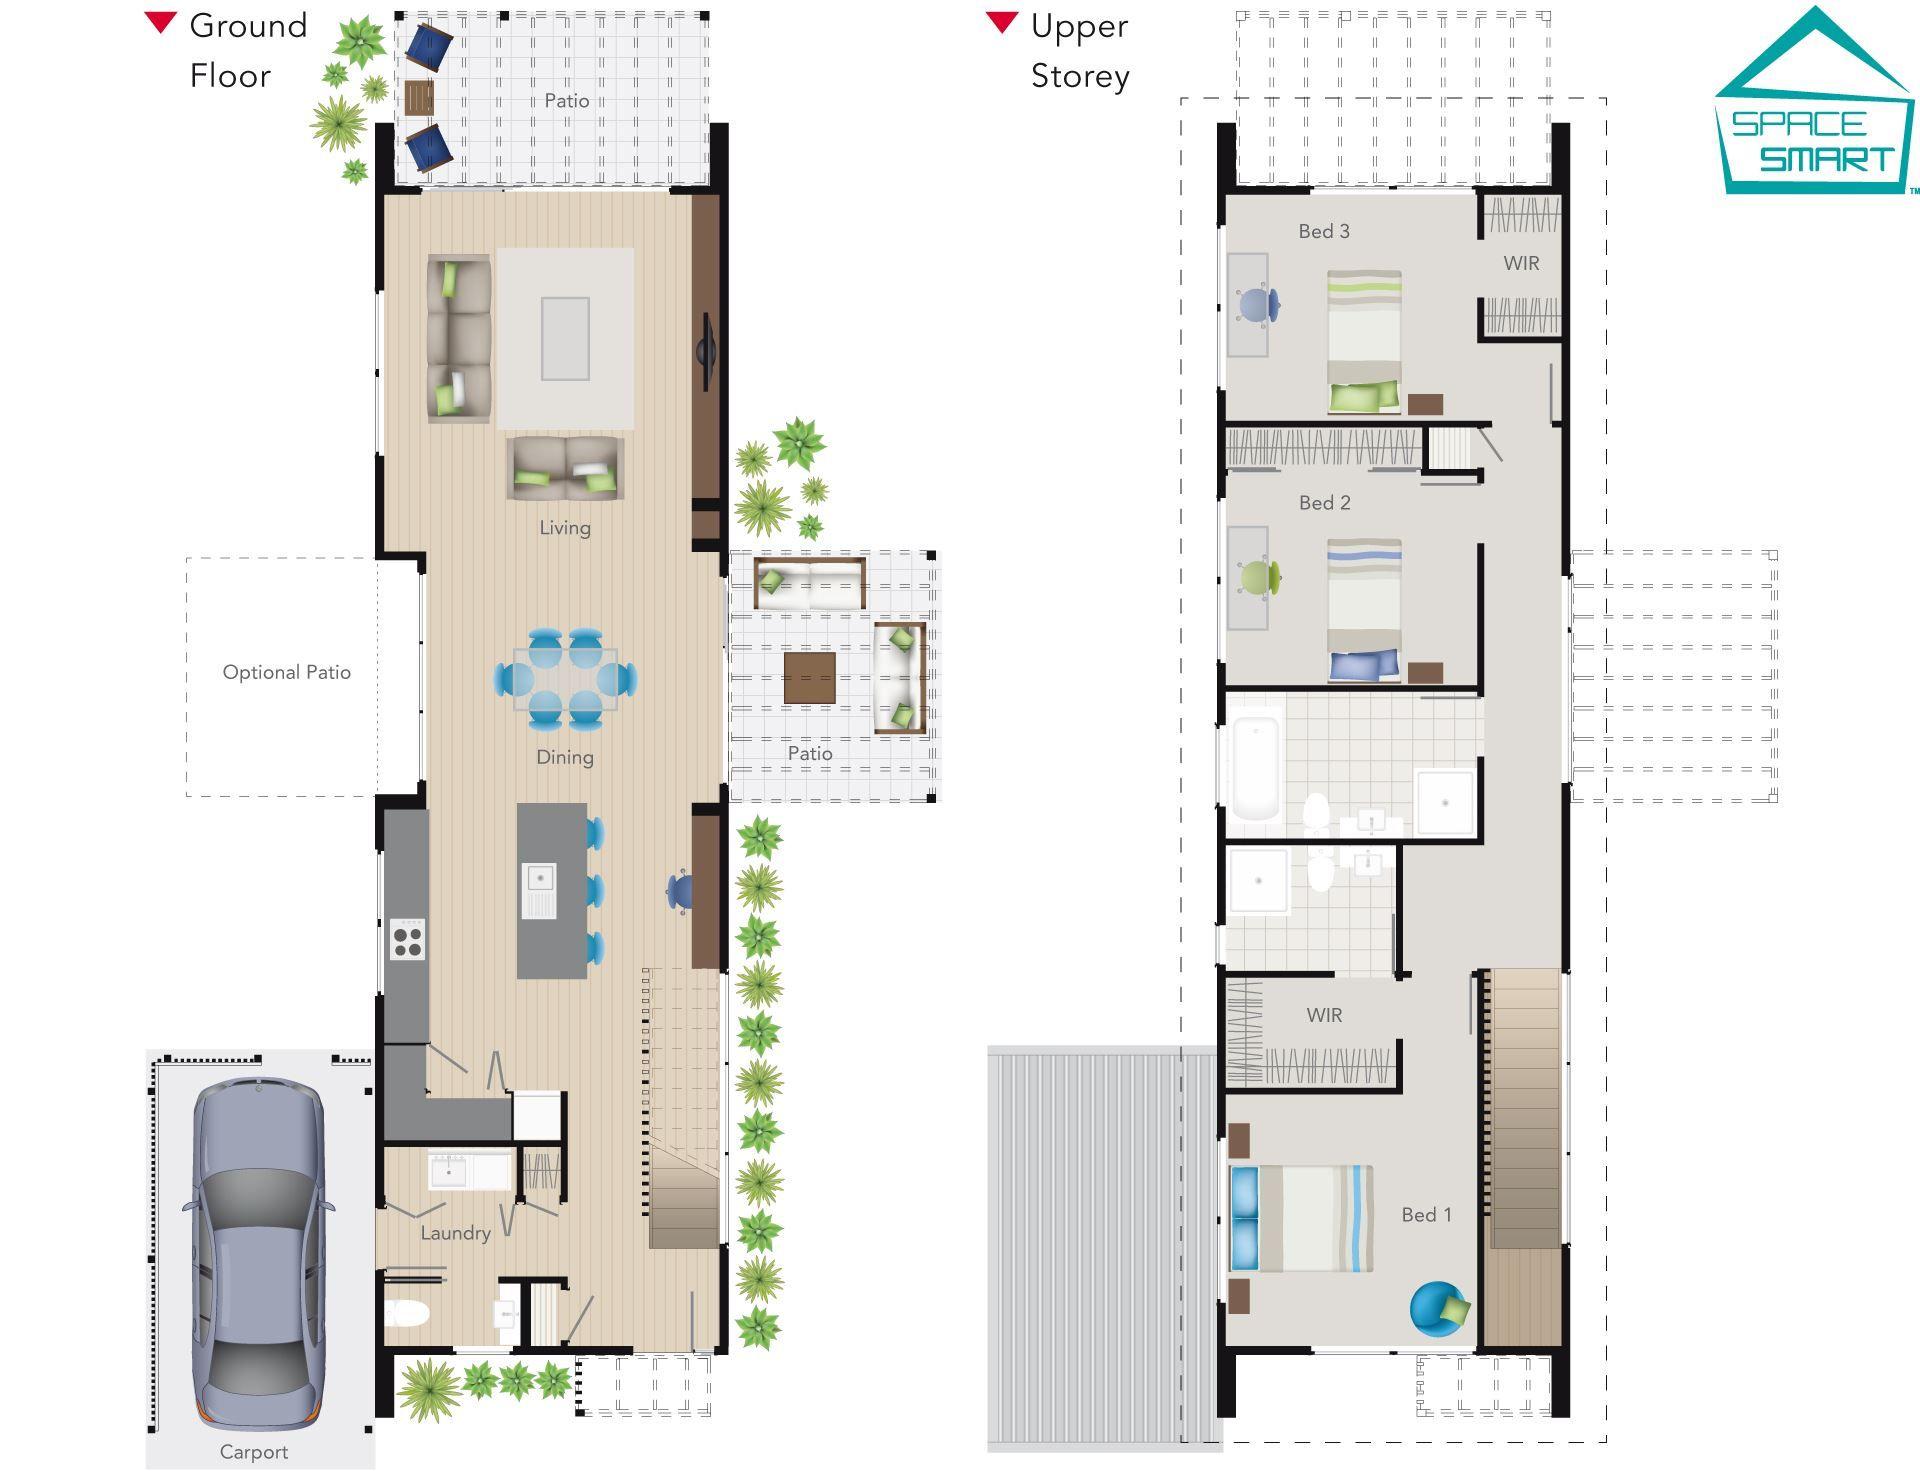 House Design Gj Gardner Homes Two Story House Plans Narrow House Plans Office Floor Plan